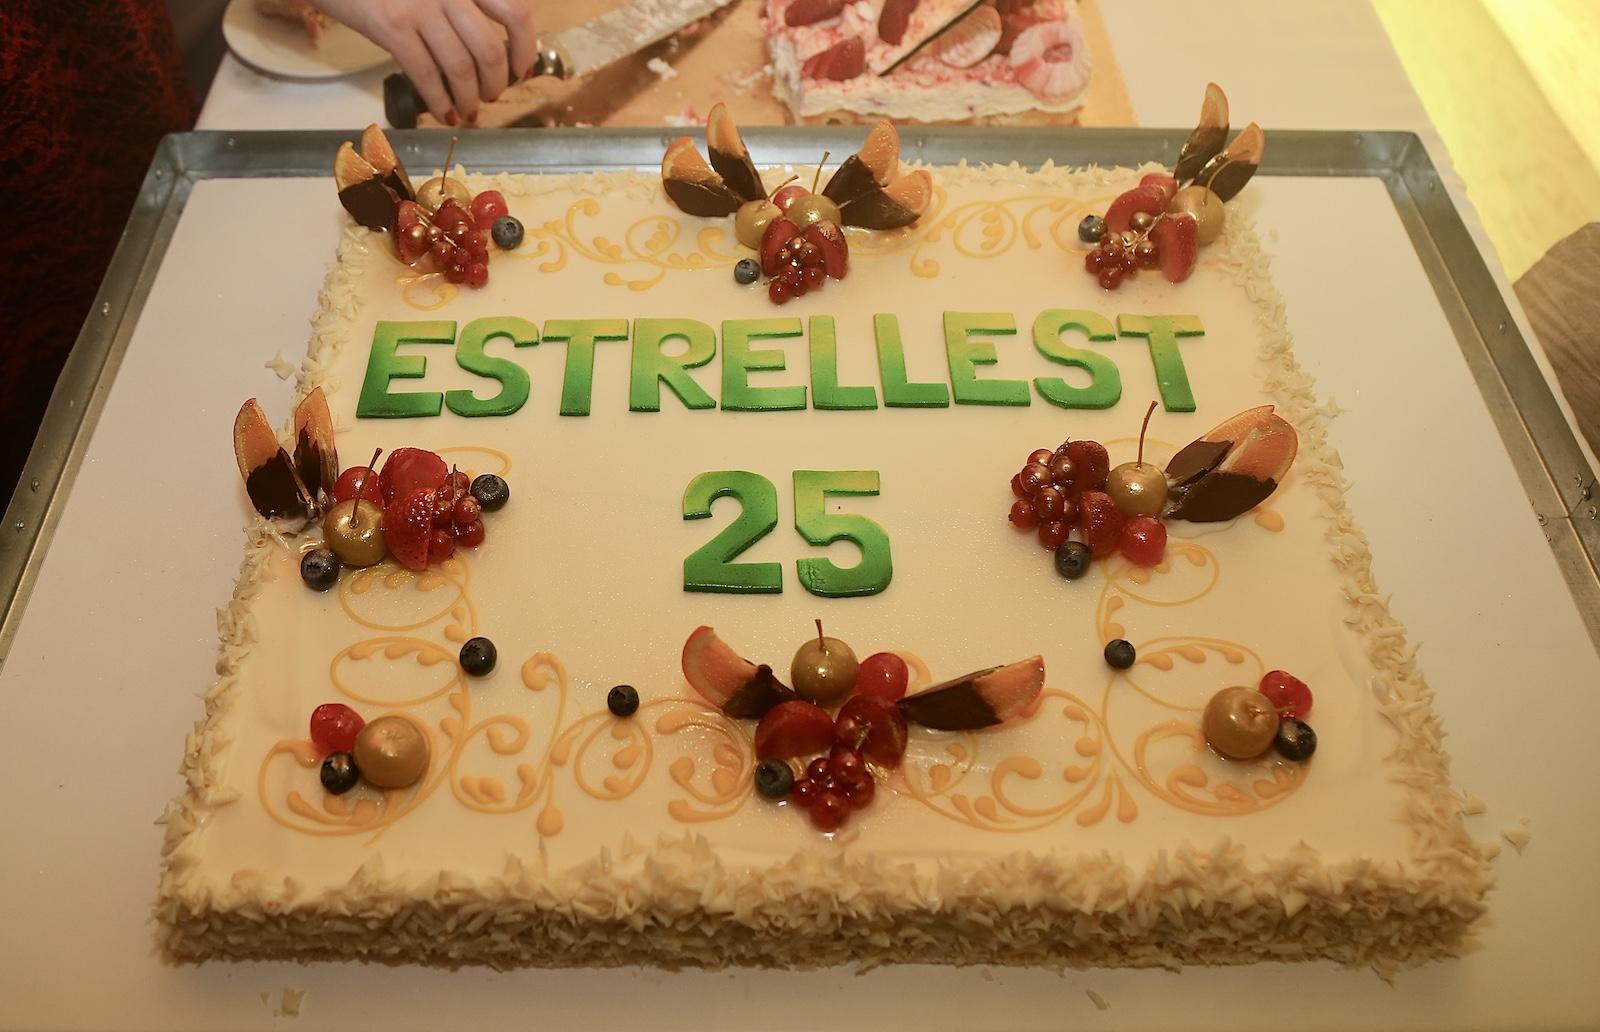 Estrellest 25 v 00099